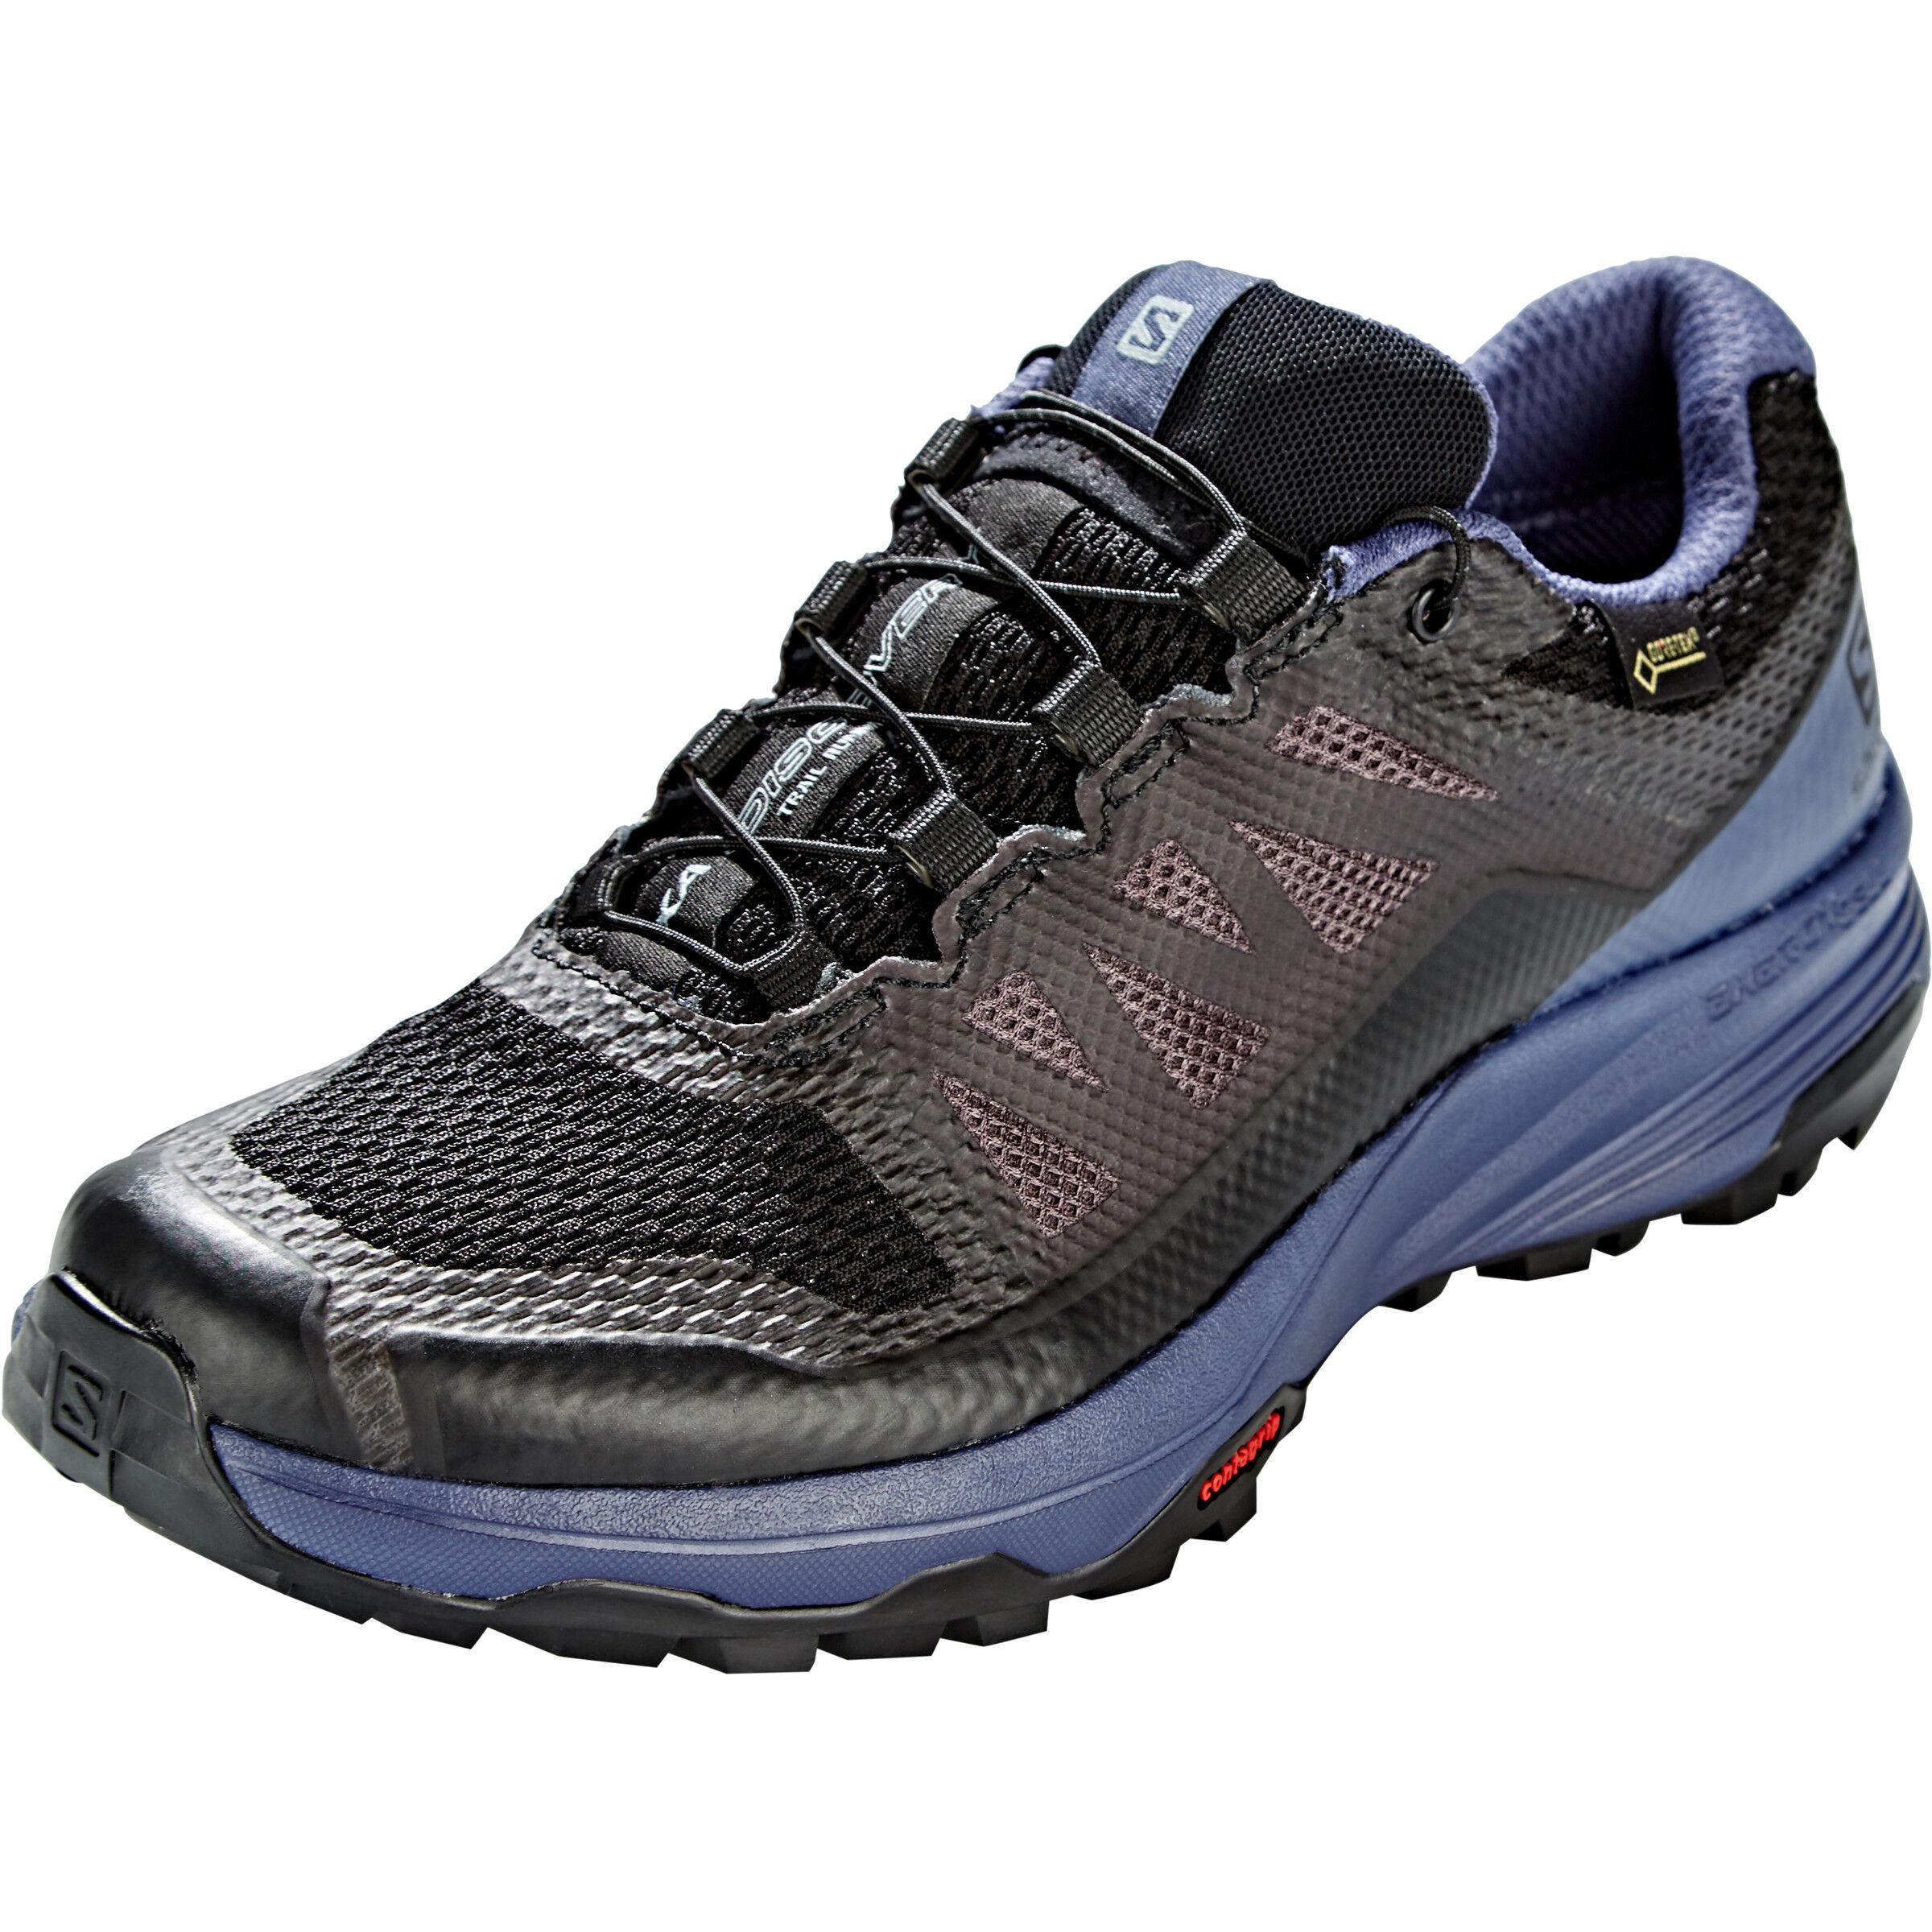 Salomon XA Discovery GTX Shoes Damen blackcrown blueebony